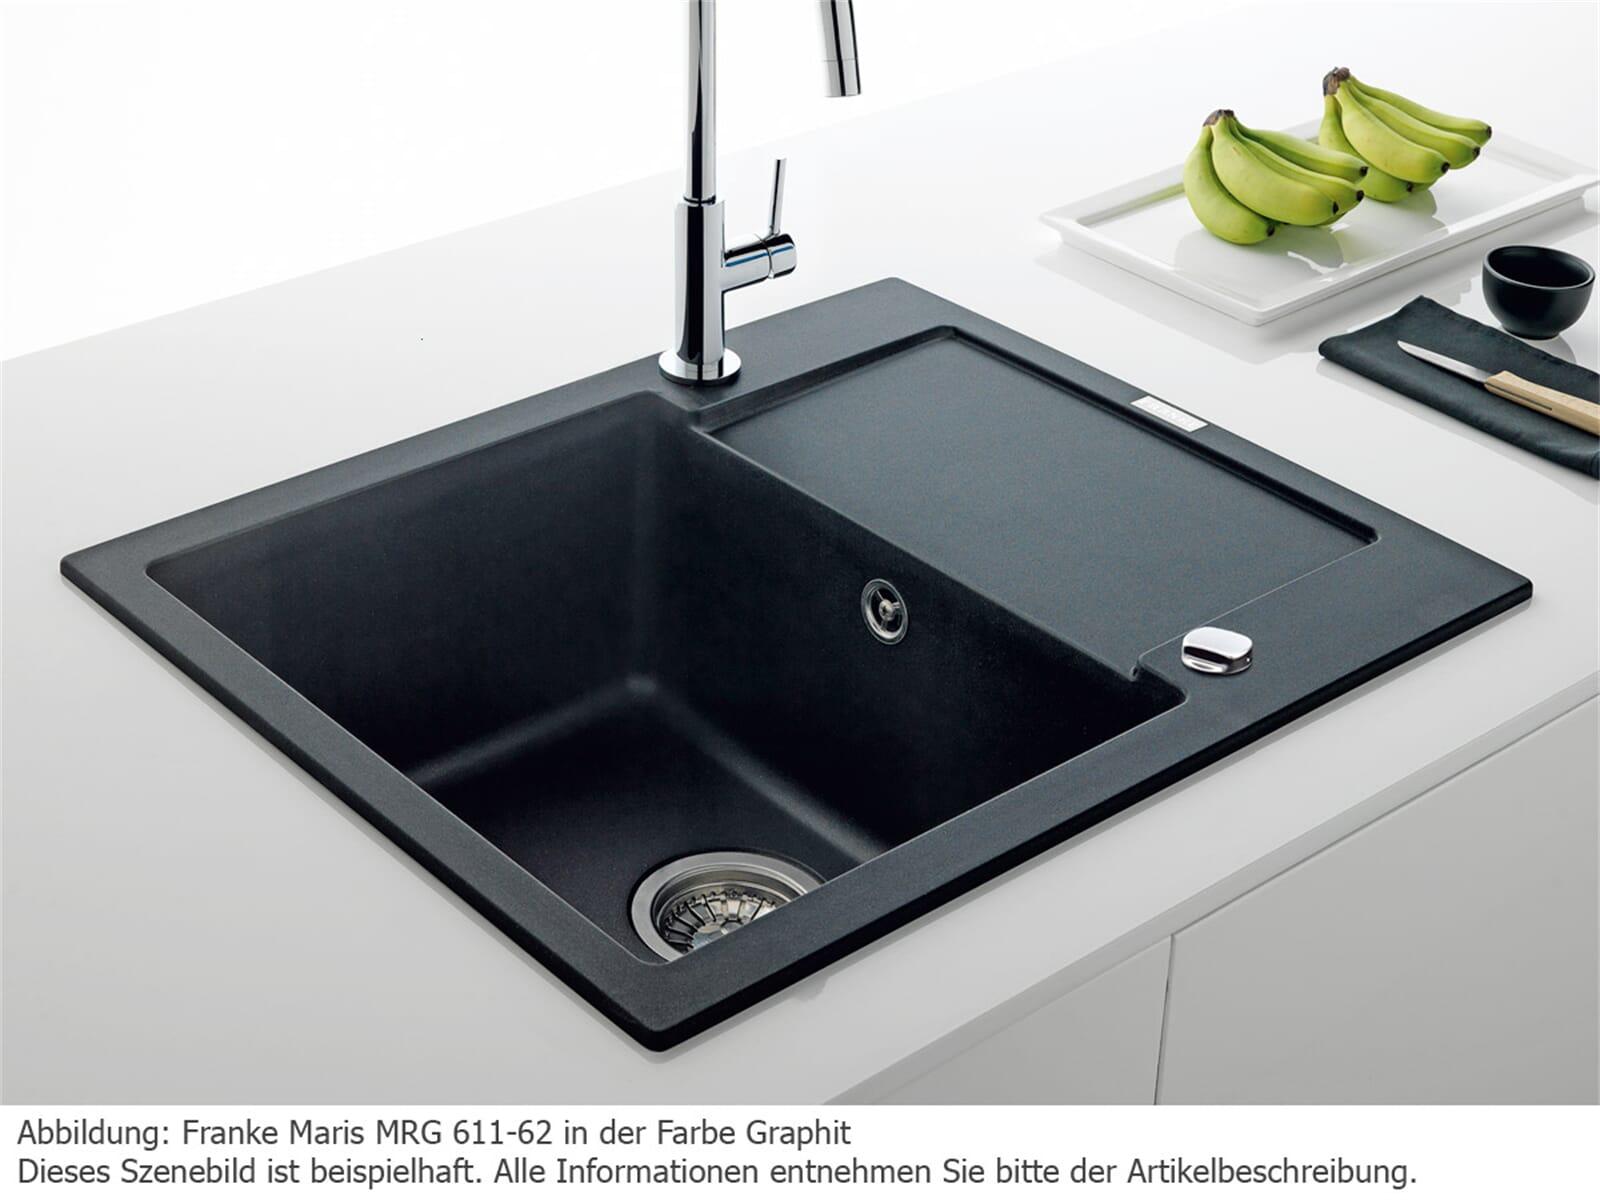 Franke Maris MRG 611-62 Chocolate Granitspüle